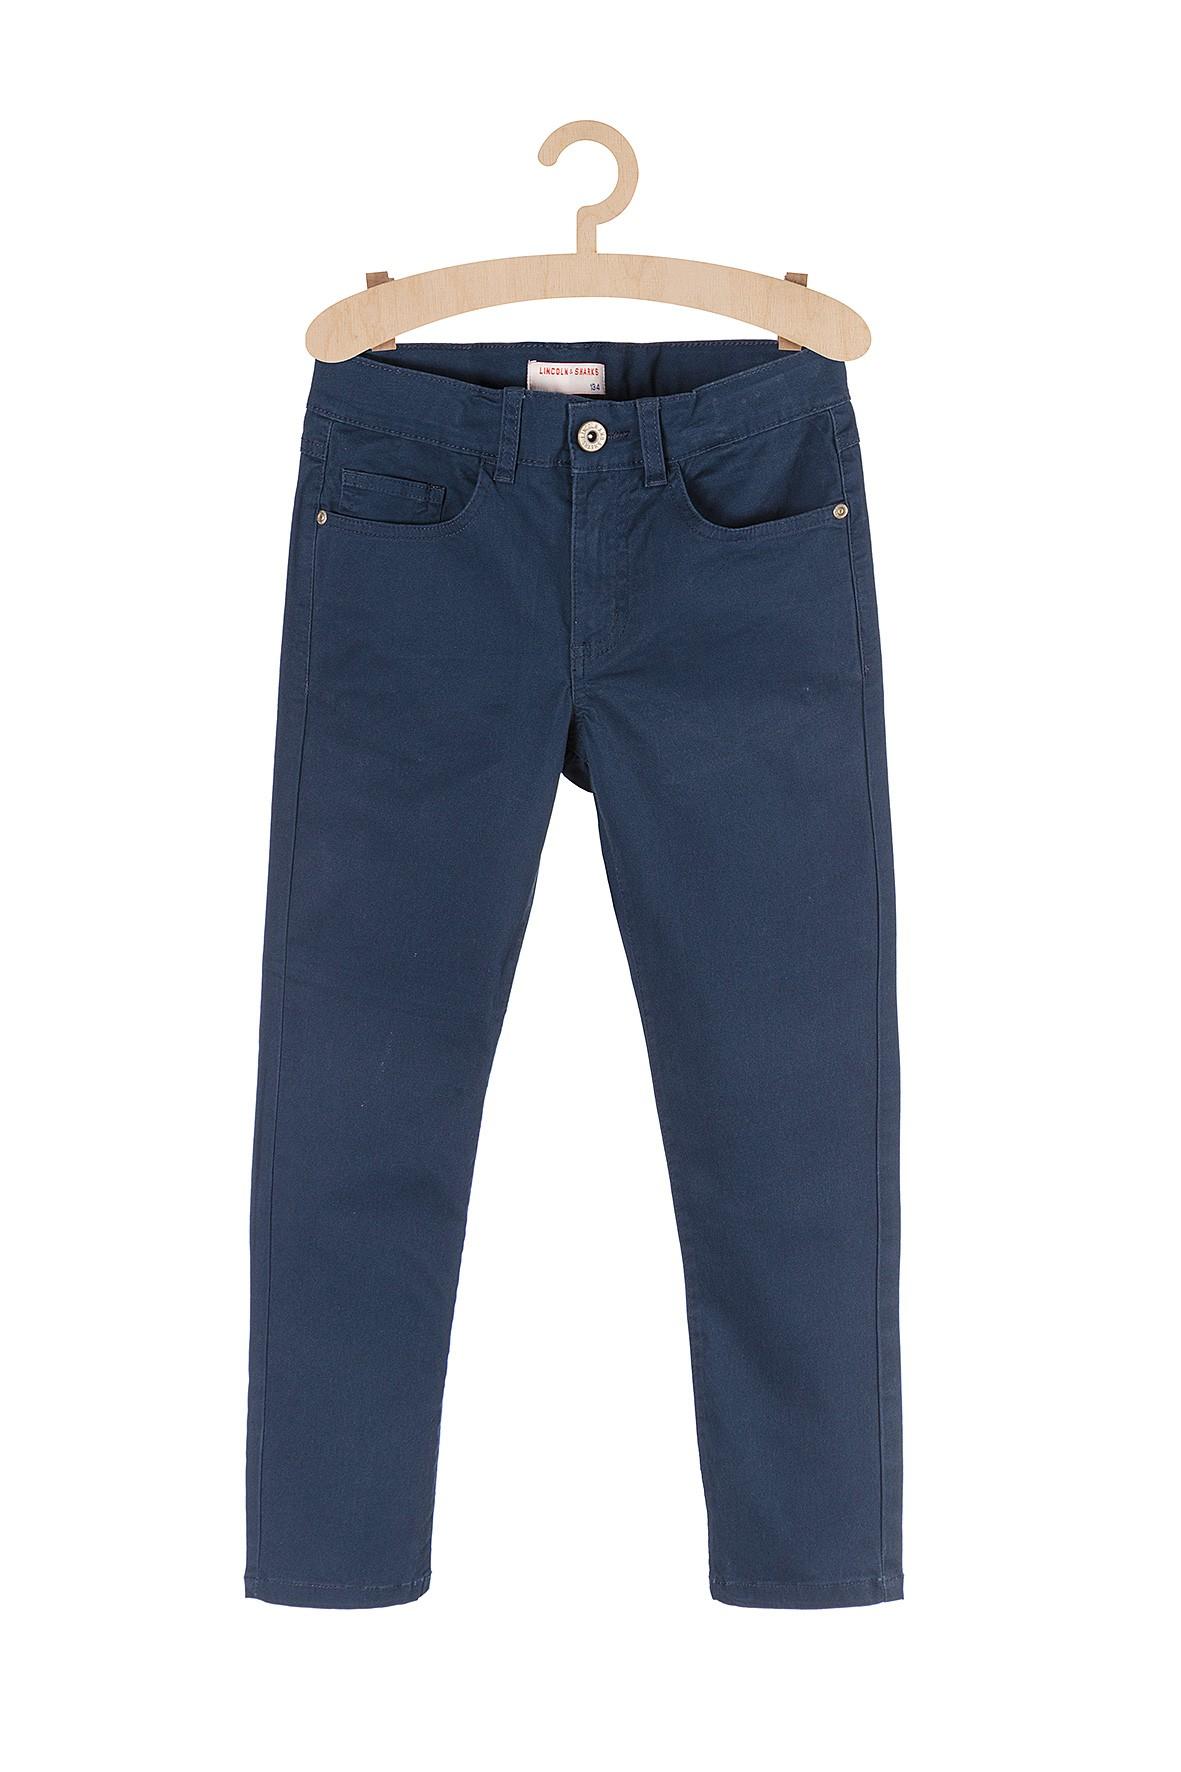 Spodnie dla chłopca klasyczne granatowe